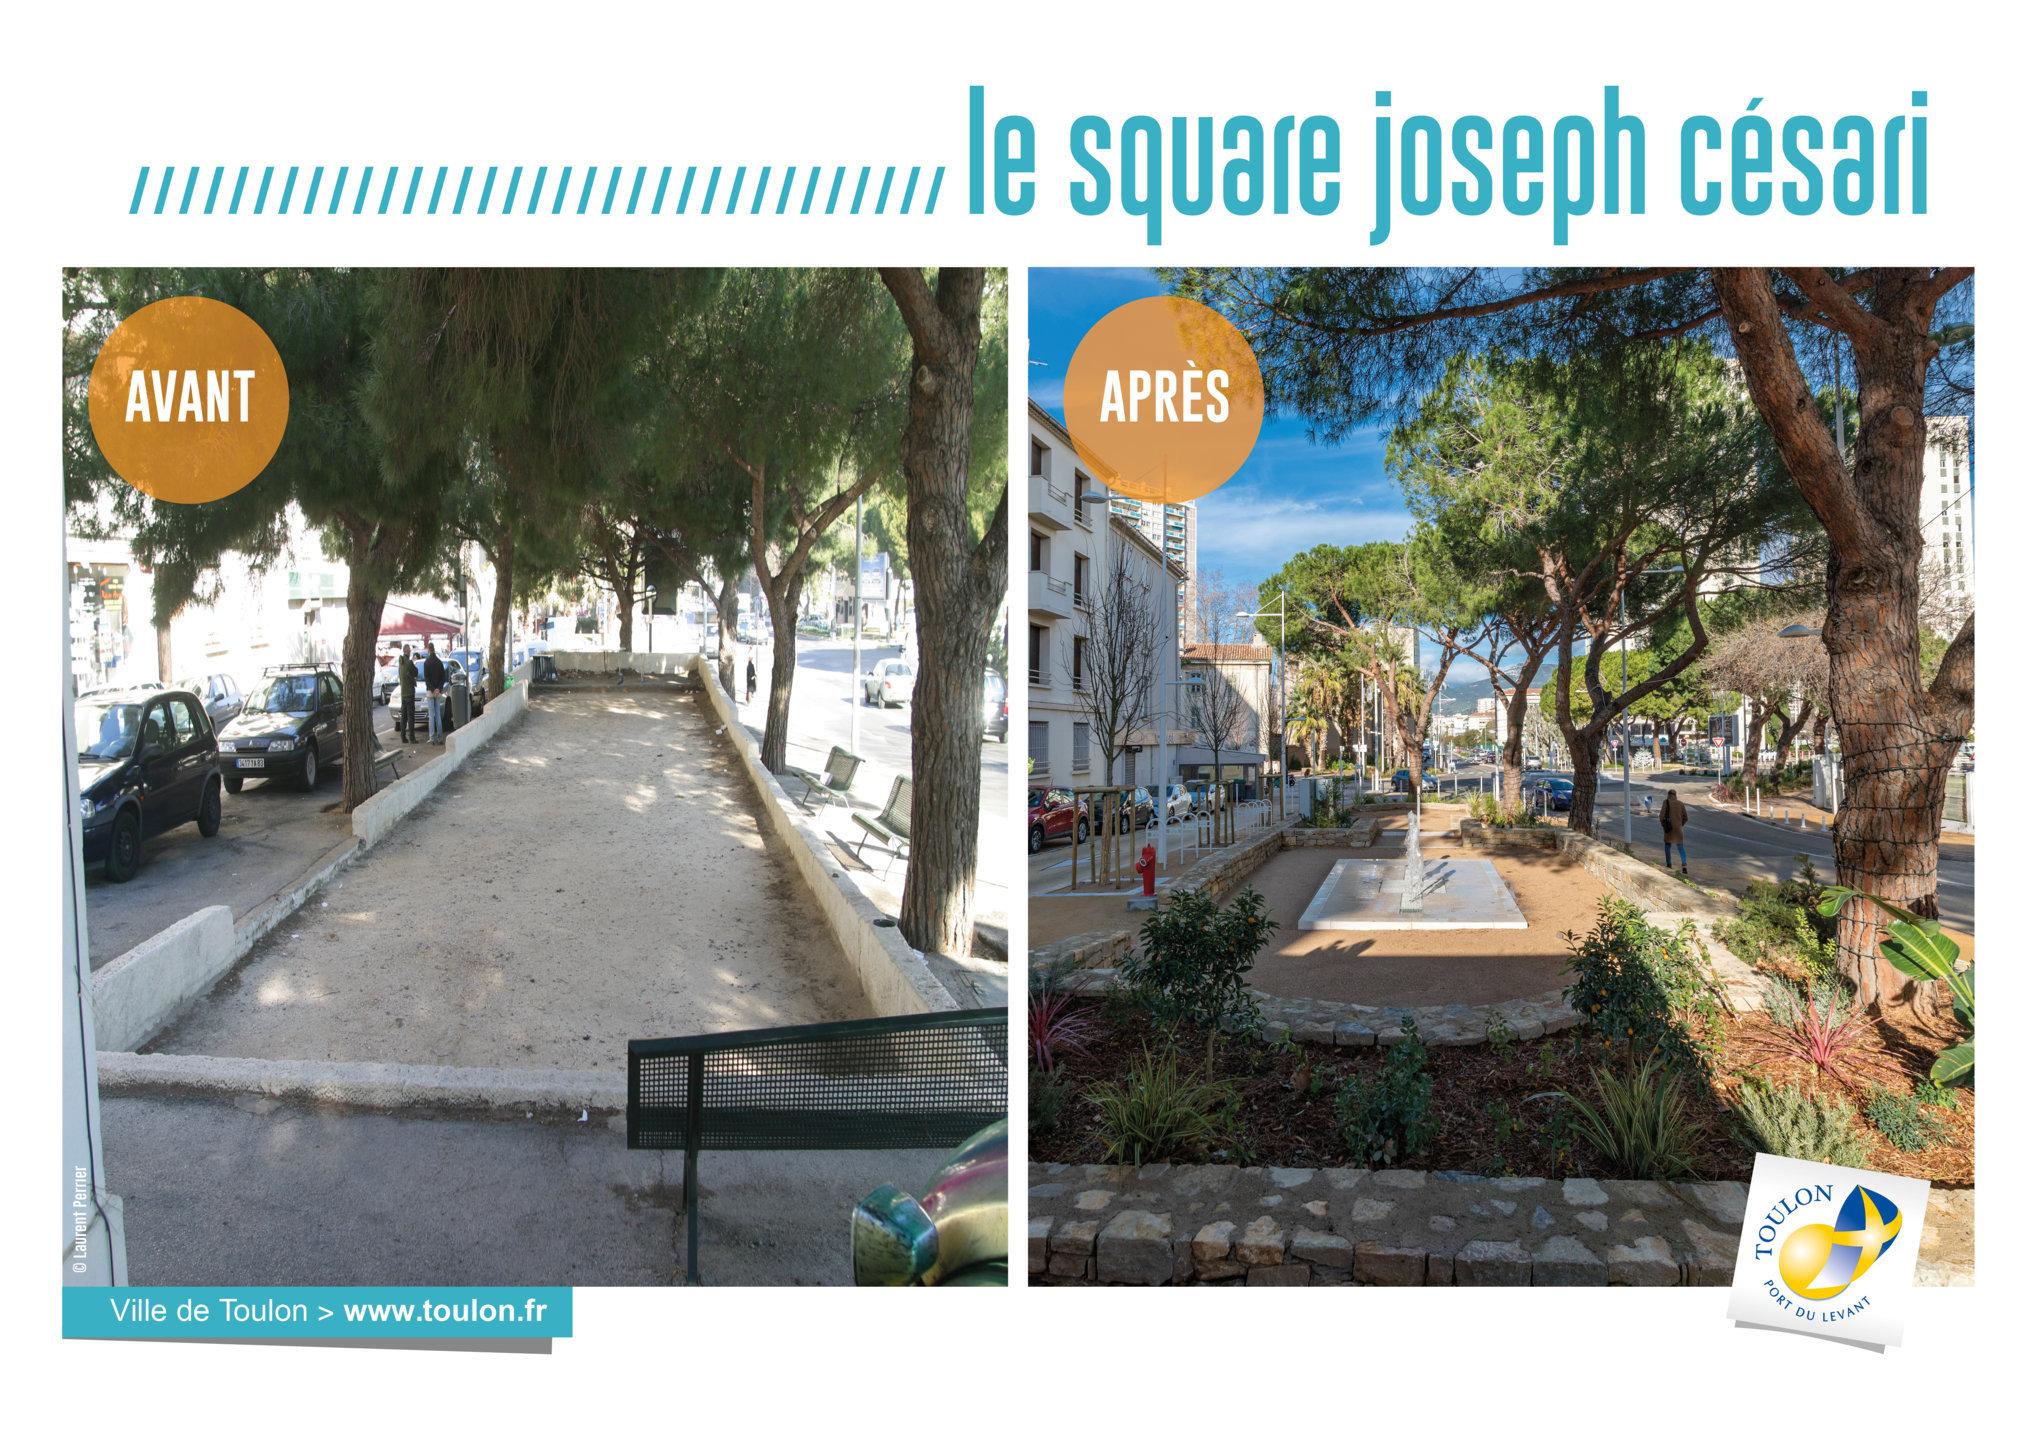 Le square Joseph Césari